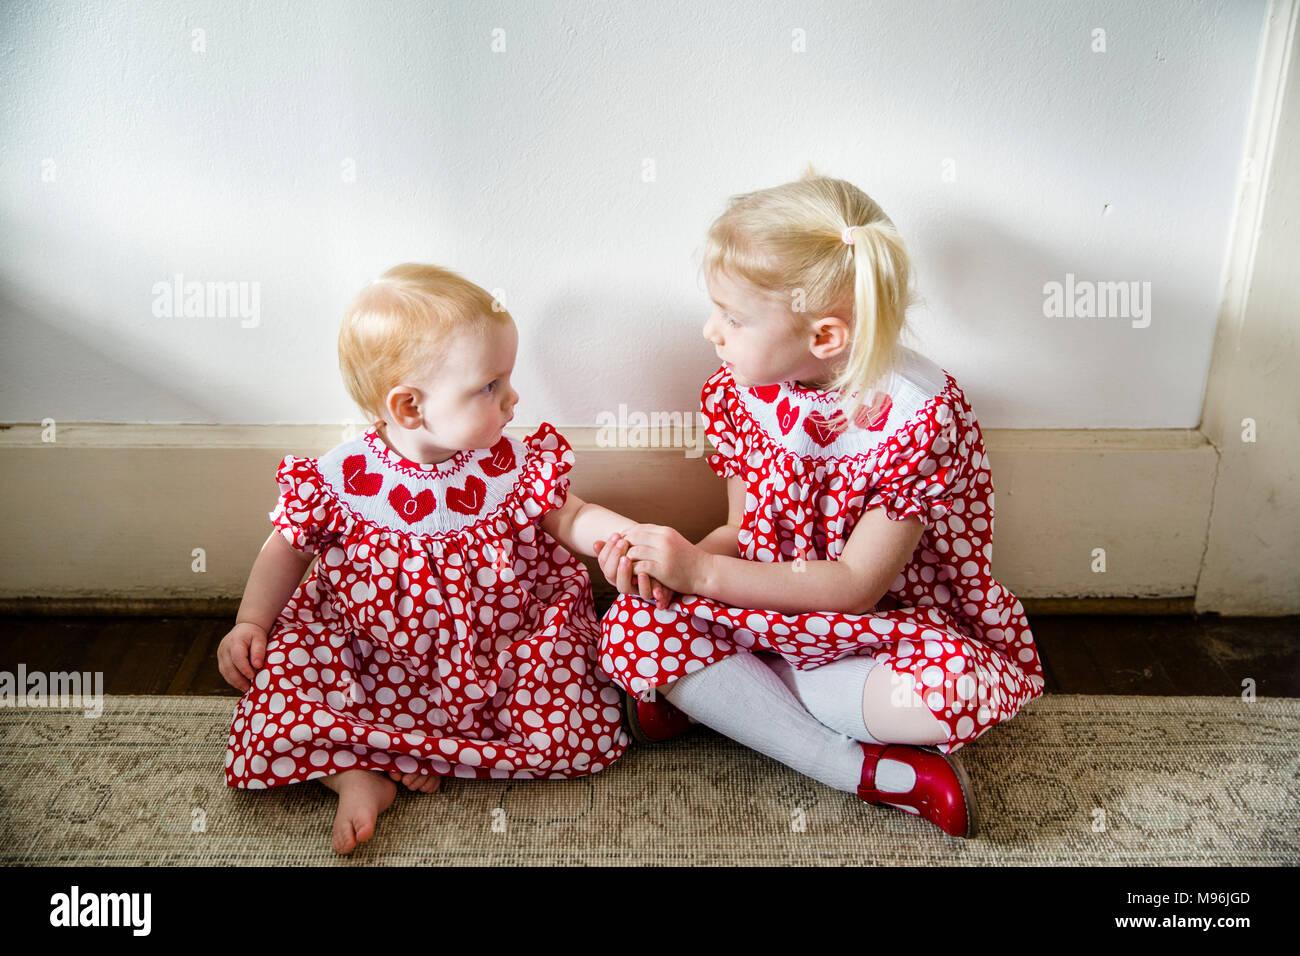 Bambino e bambina guardando ogni altro nella stessa veste rossa Immagini Stock